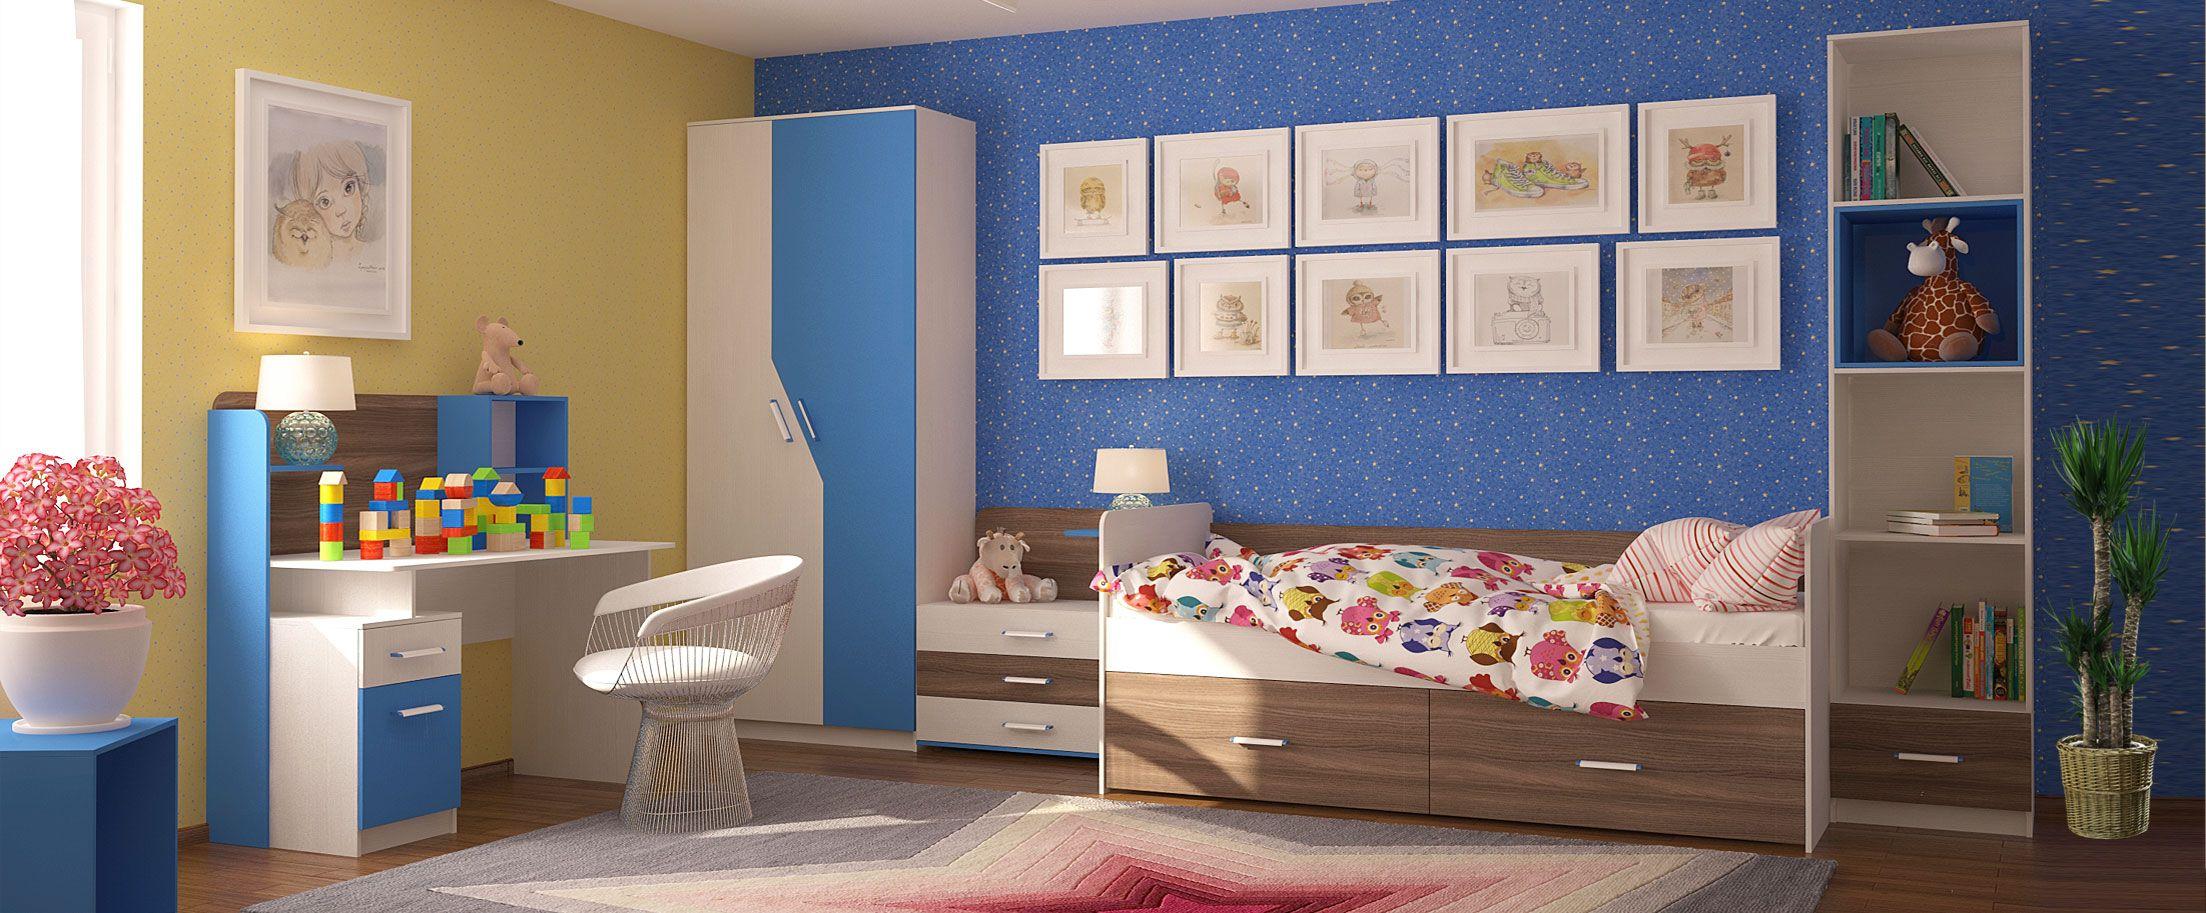 Детская синего цвета Скейт-5Купить набор уютной и комфортной детской мебели в интернет магазине MOON TRADE. Спальное место 80х190 см. Быстрая доставка, вынос упаковки, гарантия! Выгодная покупка!<br><br>Ширина см: 85<br>Глубина см: 193<br>Высота см: 85<br>Ширина спального места см: 80<br>Длина спального места см: 190<br>Цвет: Синий